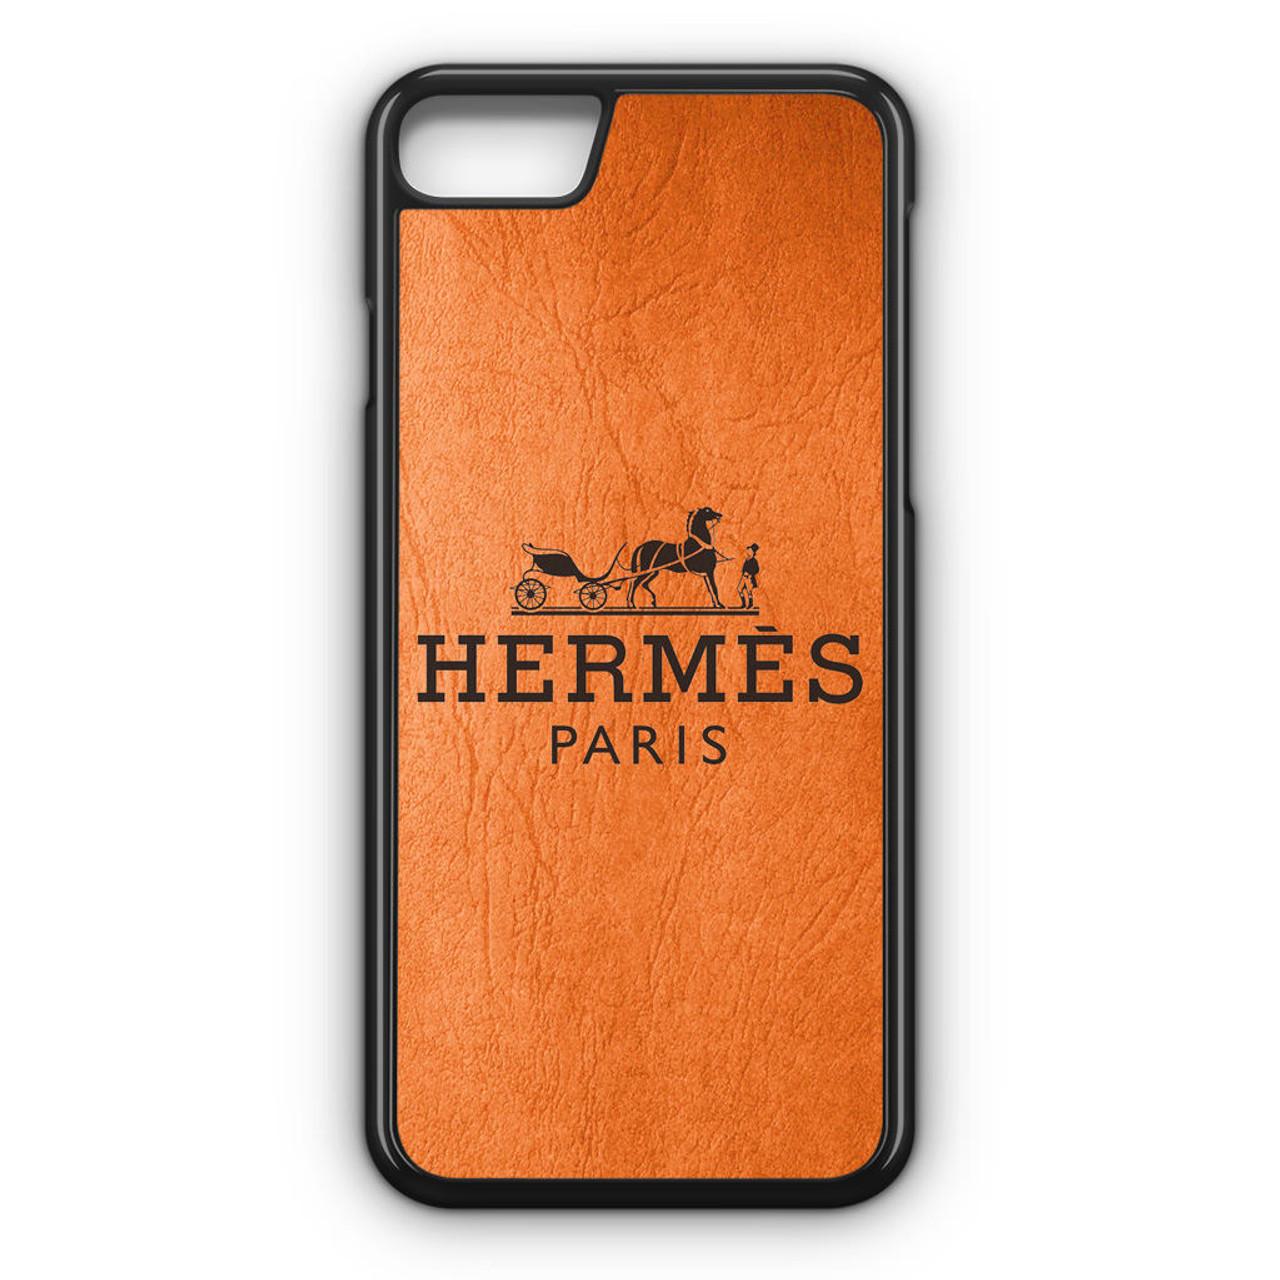 online store 7cafd de8e7 Hermes Paris iPhone 7 Case